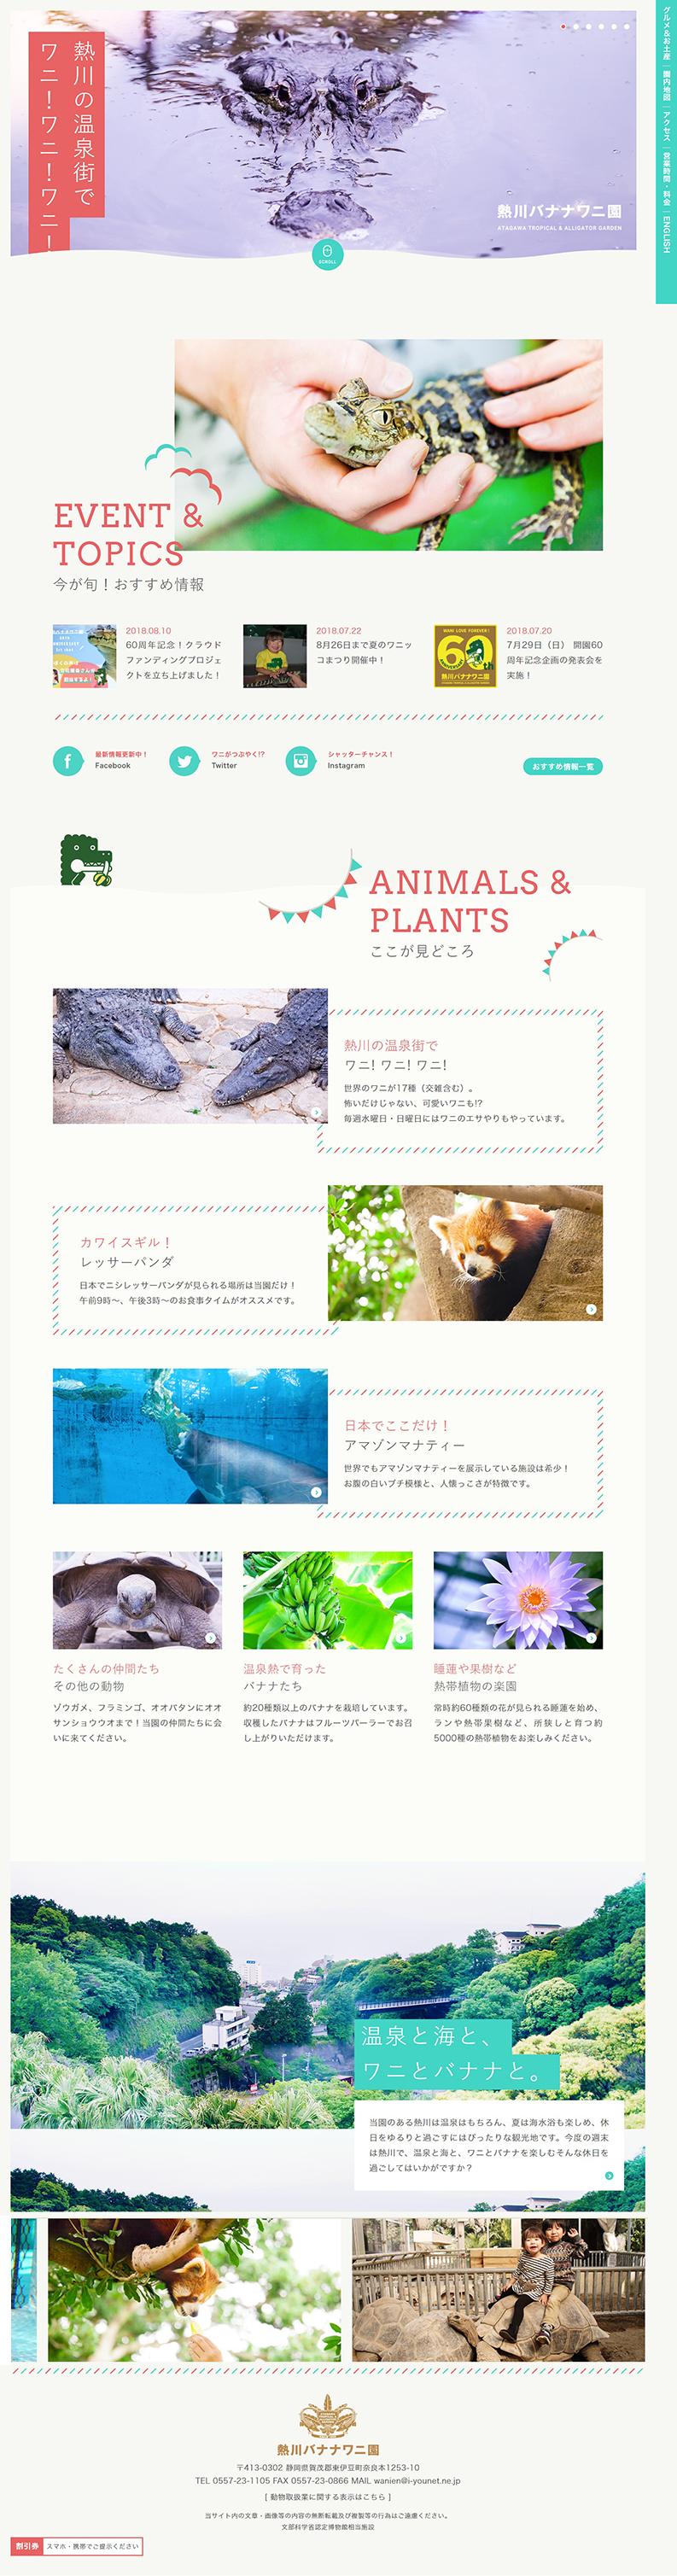 熱川バナナワニ園PC版イメージ